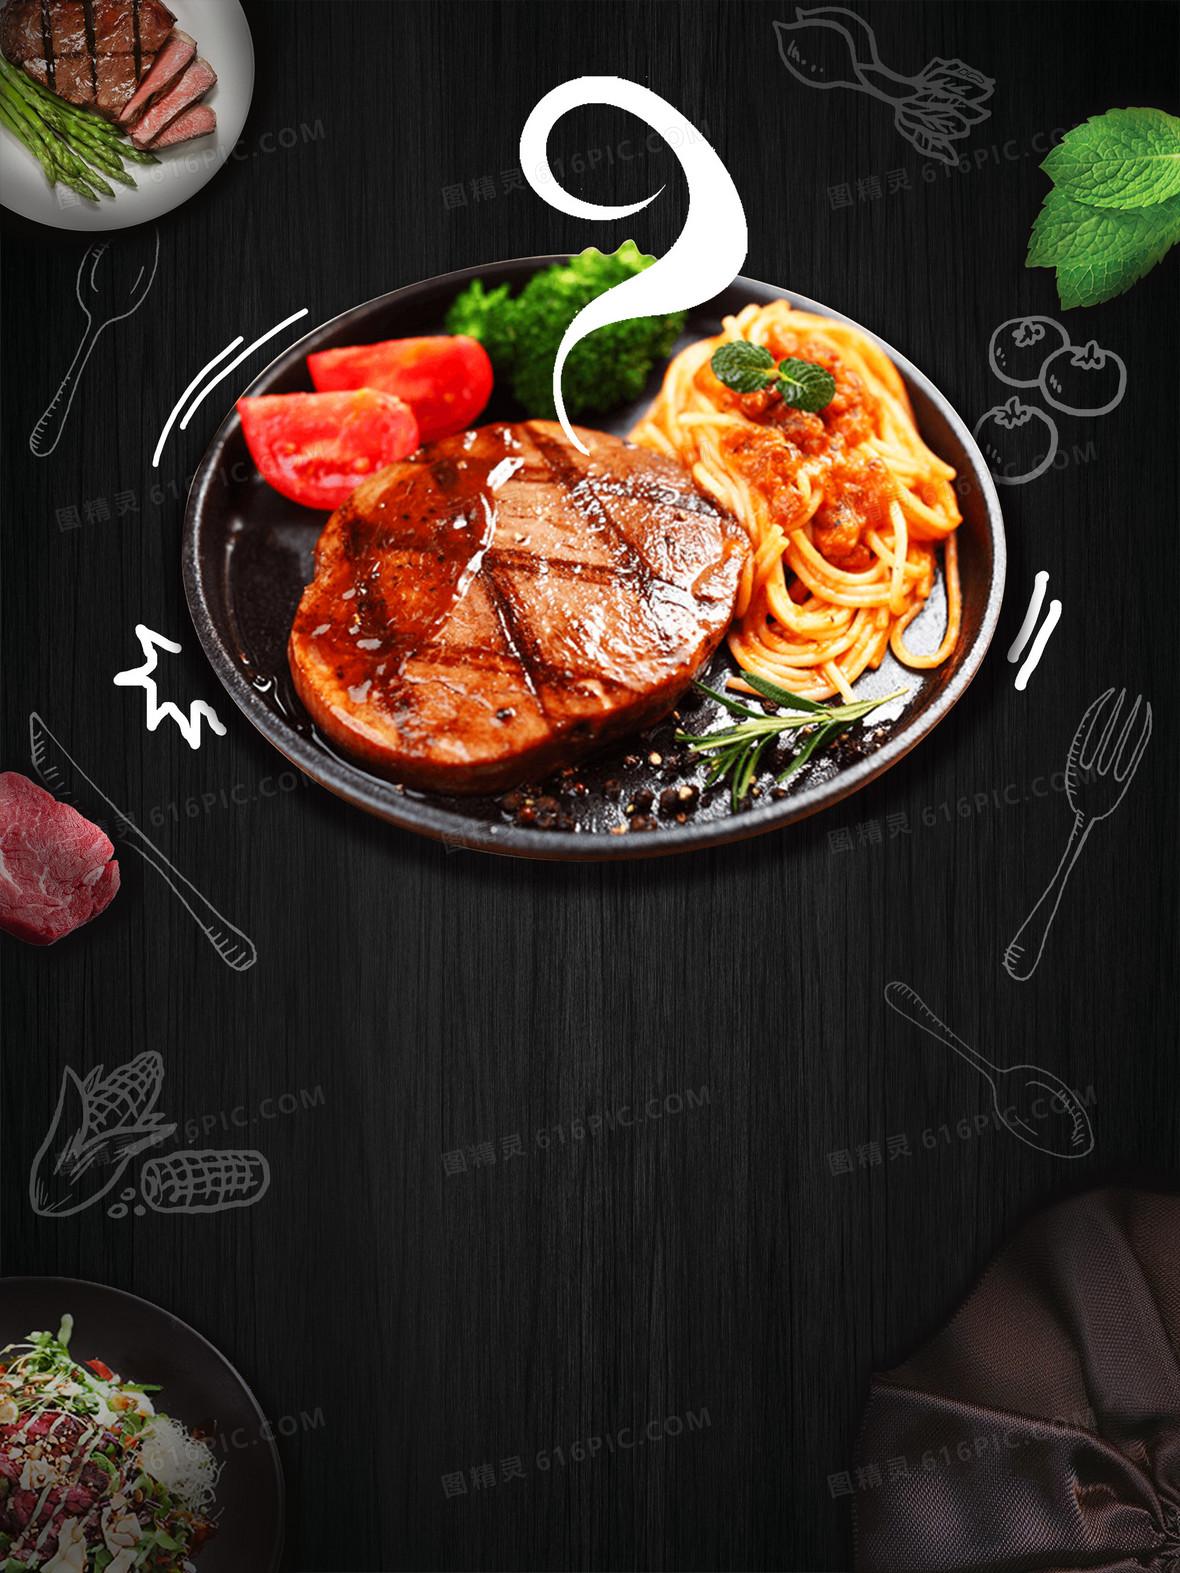 黑色摄影风景美食食物食材广告背景素材